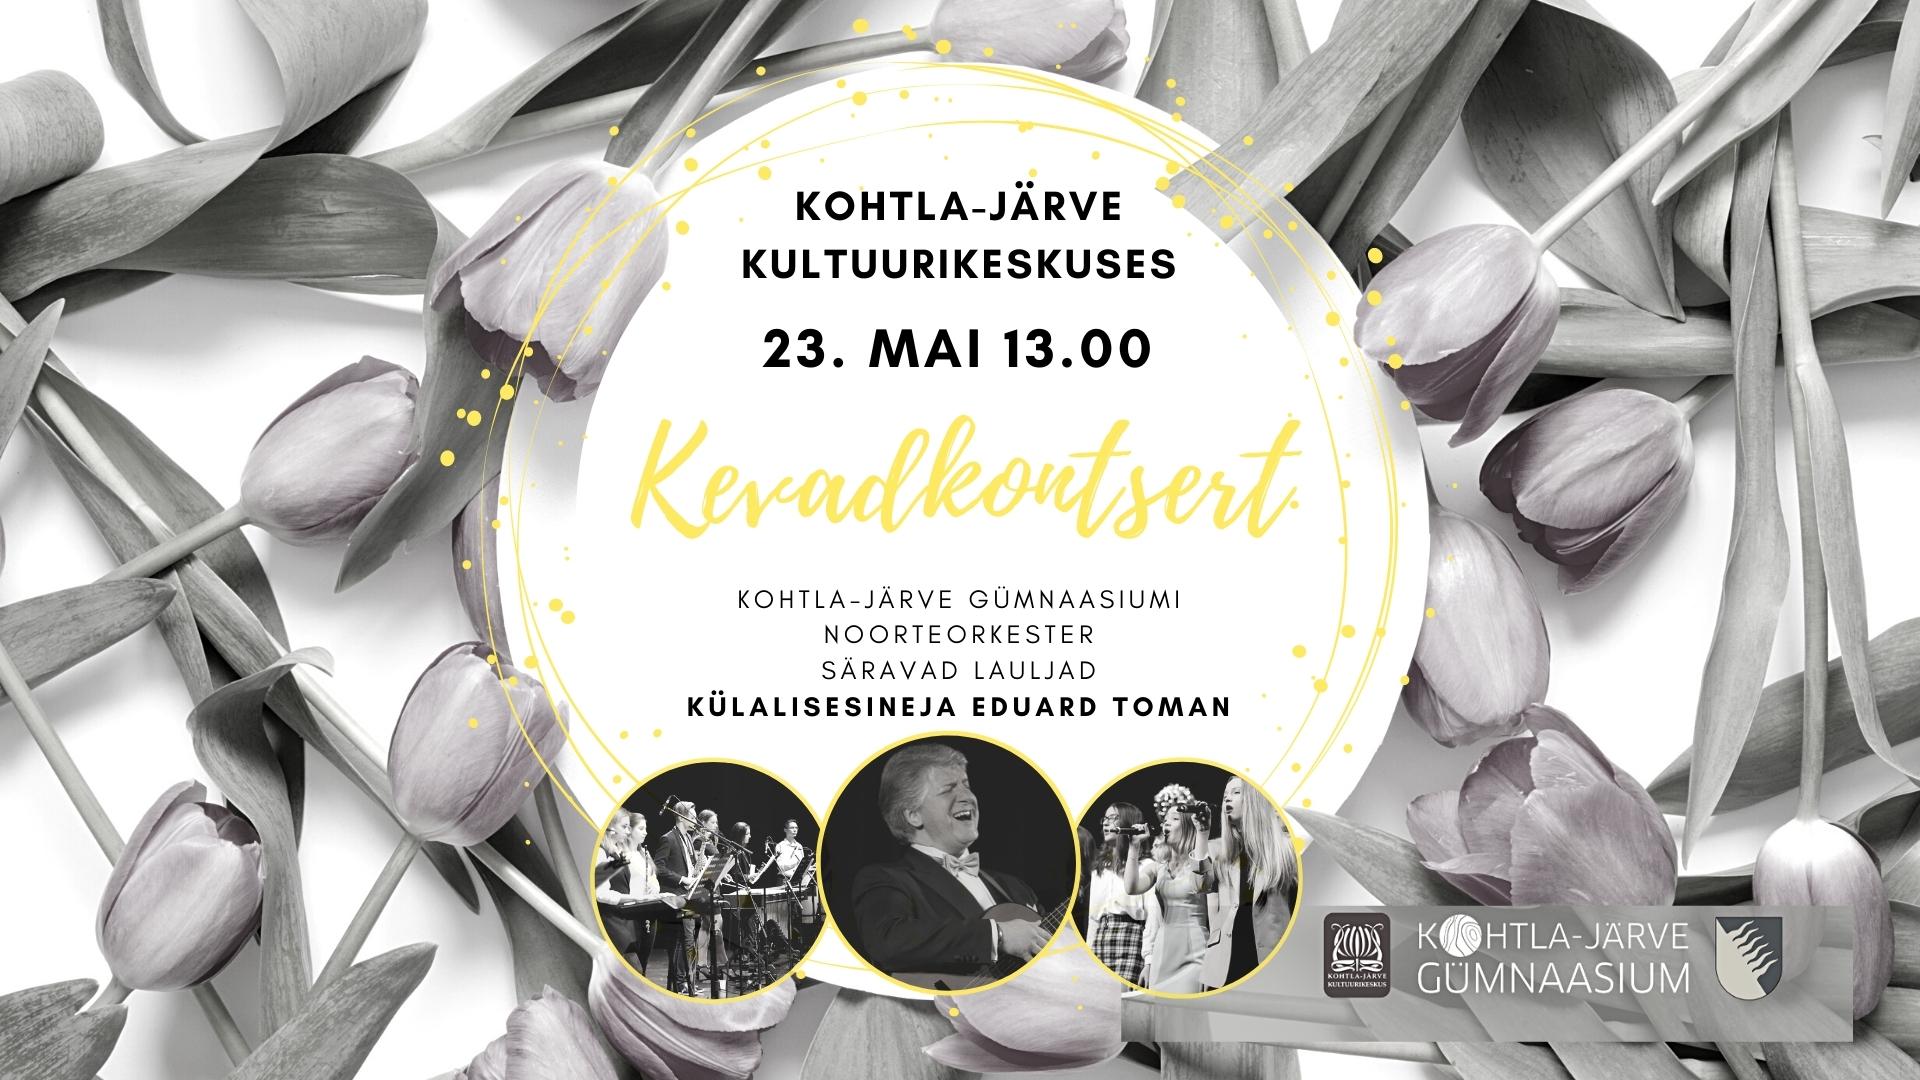 Kevadkontsert Kohtla-Järve Kultuurikeskuses